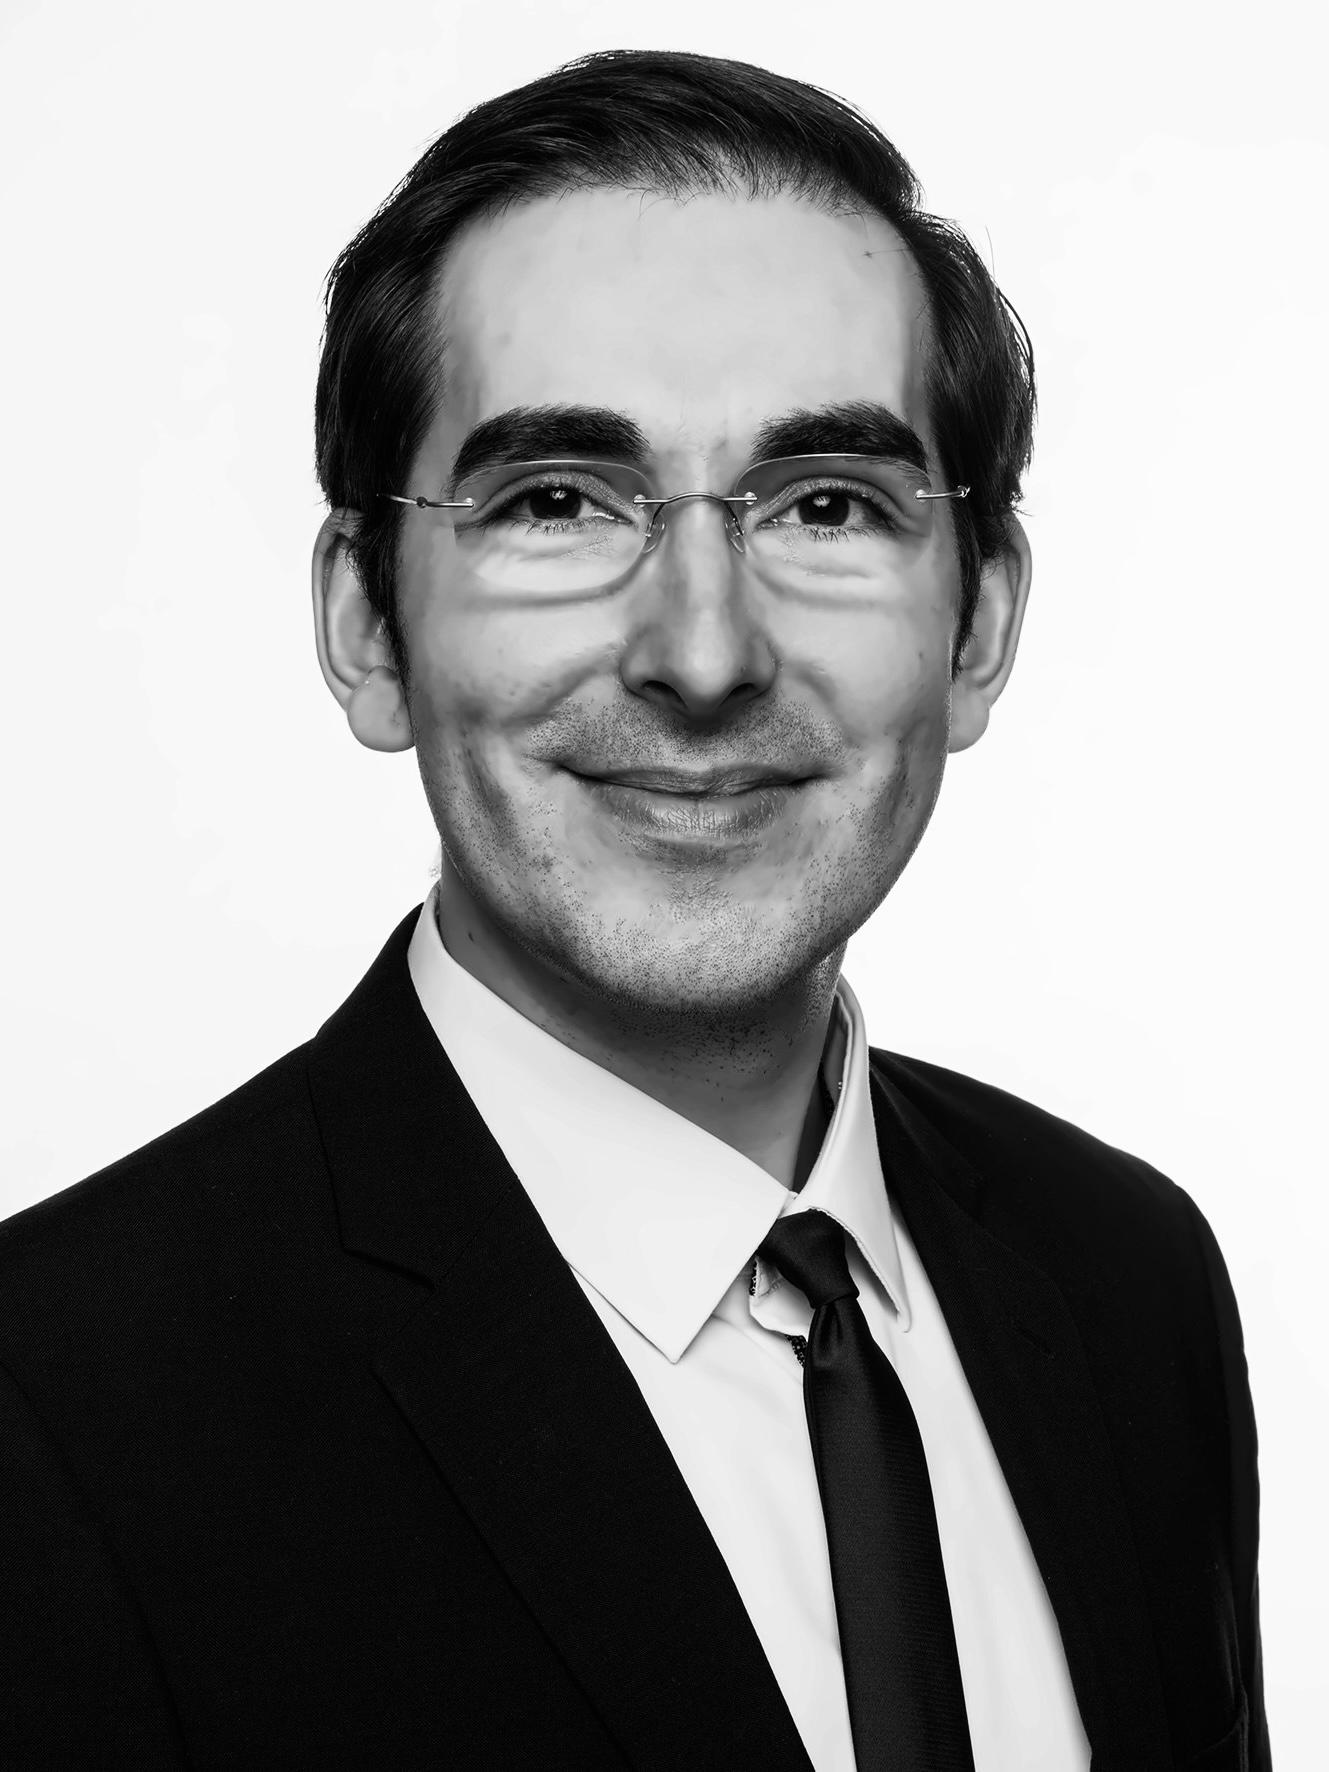 Mario Lenz